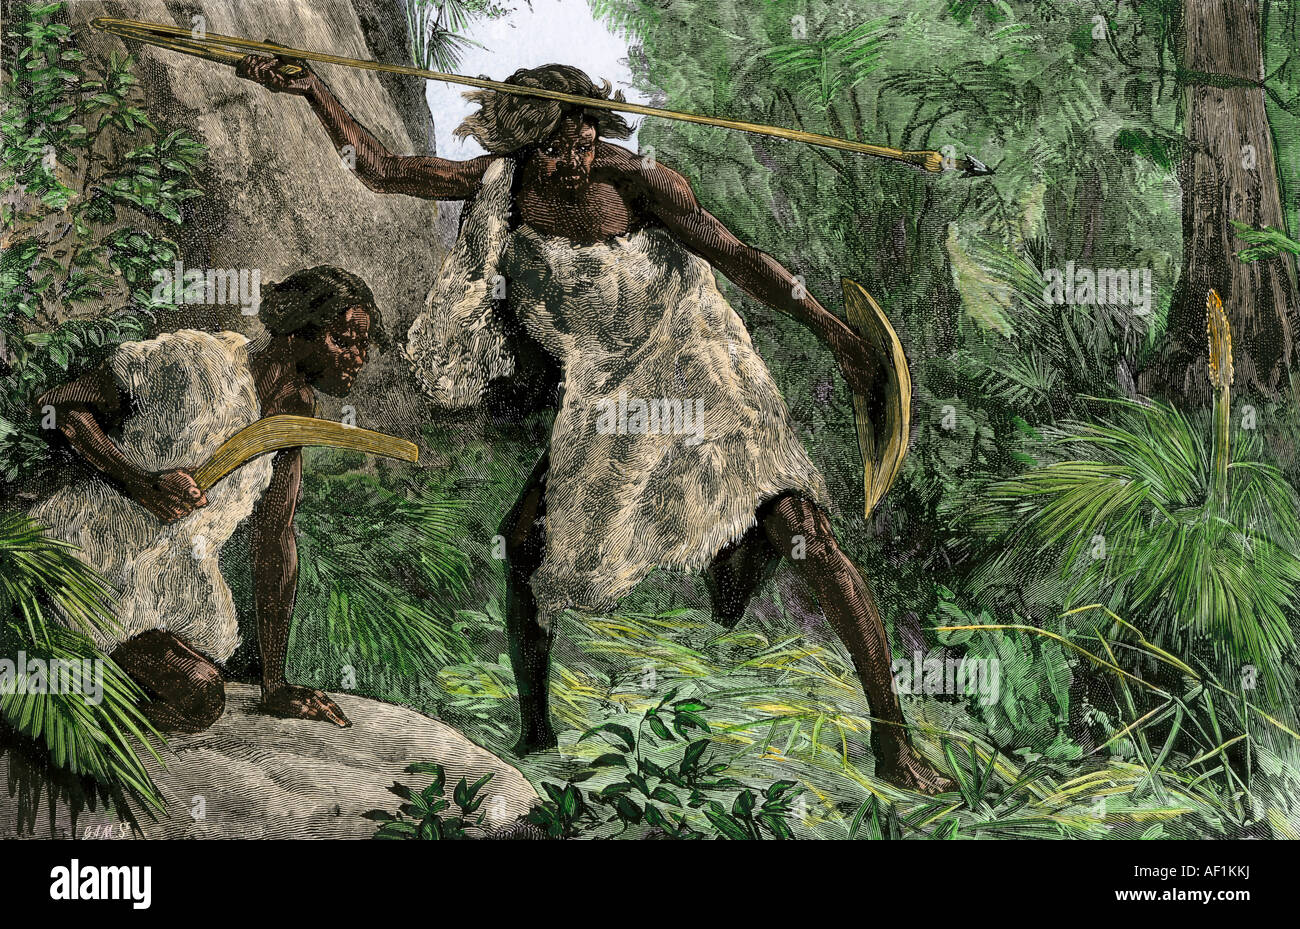 Die Aborigines die Jagd mit einem atlatl Boomerang in einer australischen Wald 1800. Hand - farbige Holzschnitt Stockbild